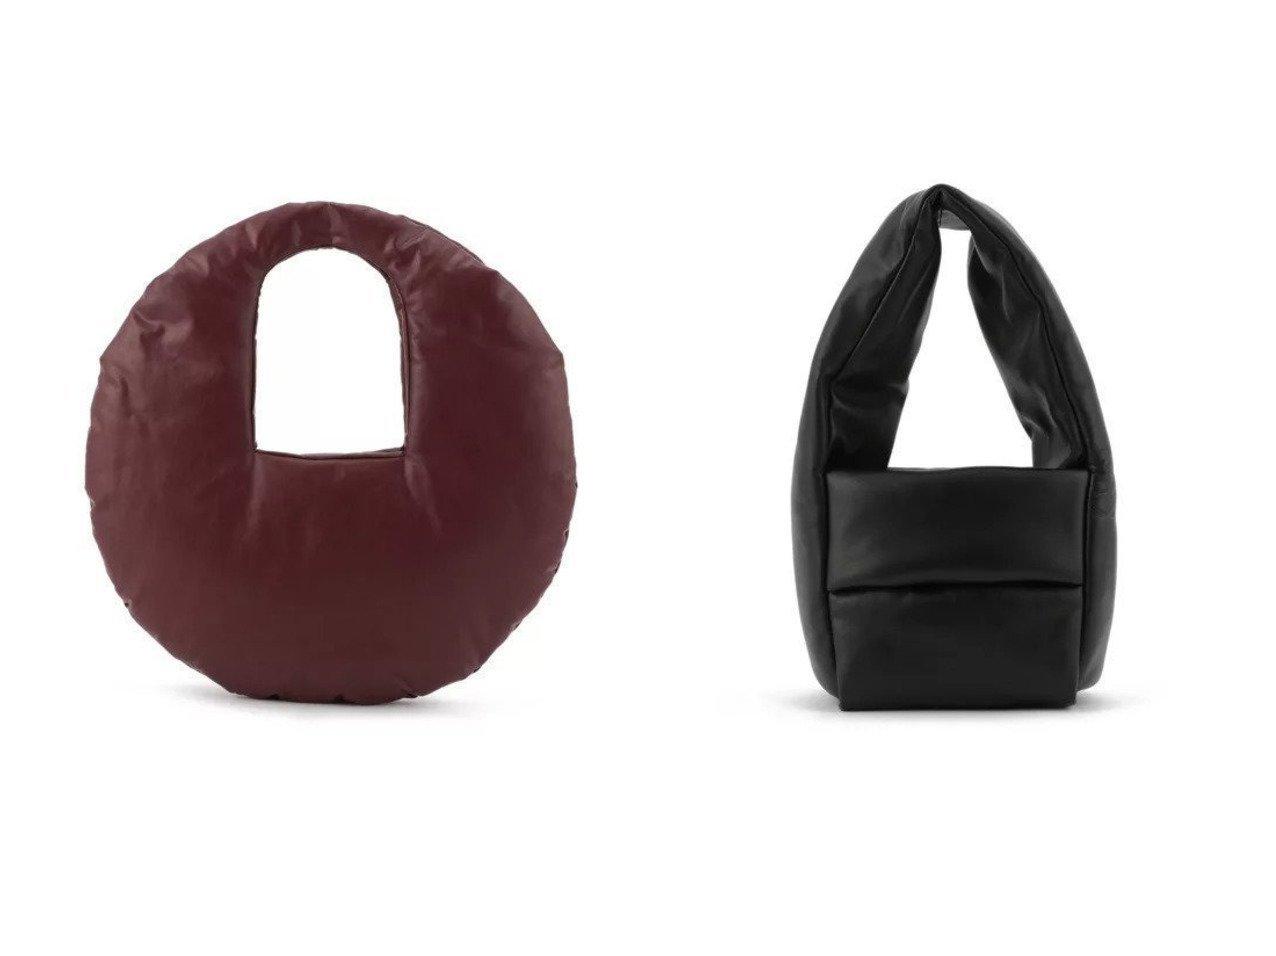 【KASSL EDITIONS/カッスル エディションズ】のBAG MONK SMALL&BAG CIRCLE MEDIUM 【バッグ・鞄】おすすめ!人気、トレンド・レディースファッションの通販 おすすめで人気の流行・トレンド、ファッションの通販商品 メンズファッション・キッズファッション・インテリア・家具・レディースファッション・服の通販 founy(ファニー) https://founy.com/ ファッション Fashion レディースファッション WOMEN 2021年 2021 2021春夏・S/S SS/Spring/Summer/2021 S/S・春夏 SS・Spring/Summer オイル クッション サークル ショルダー ハンドバッグ フォルム シェイプ シンプル フィット ラップ ワイド |ID:crp329100000039547